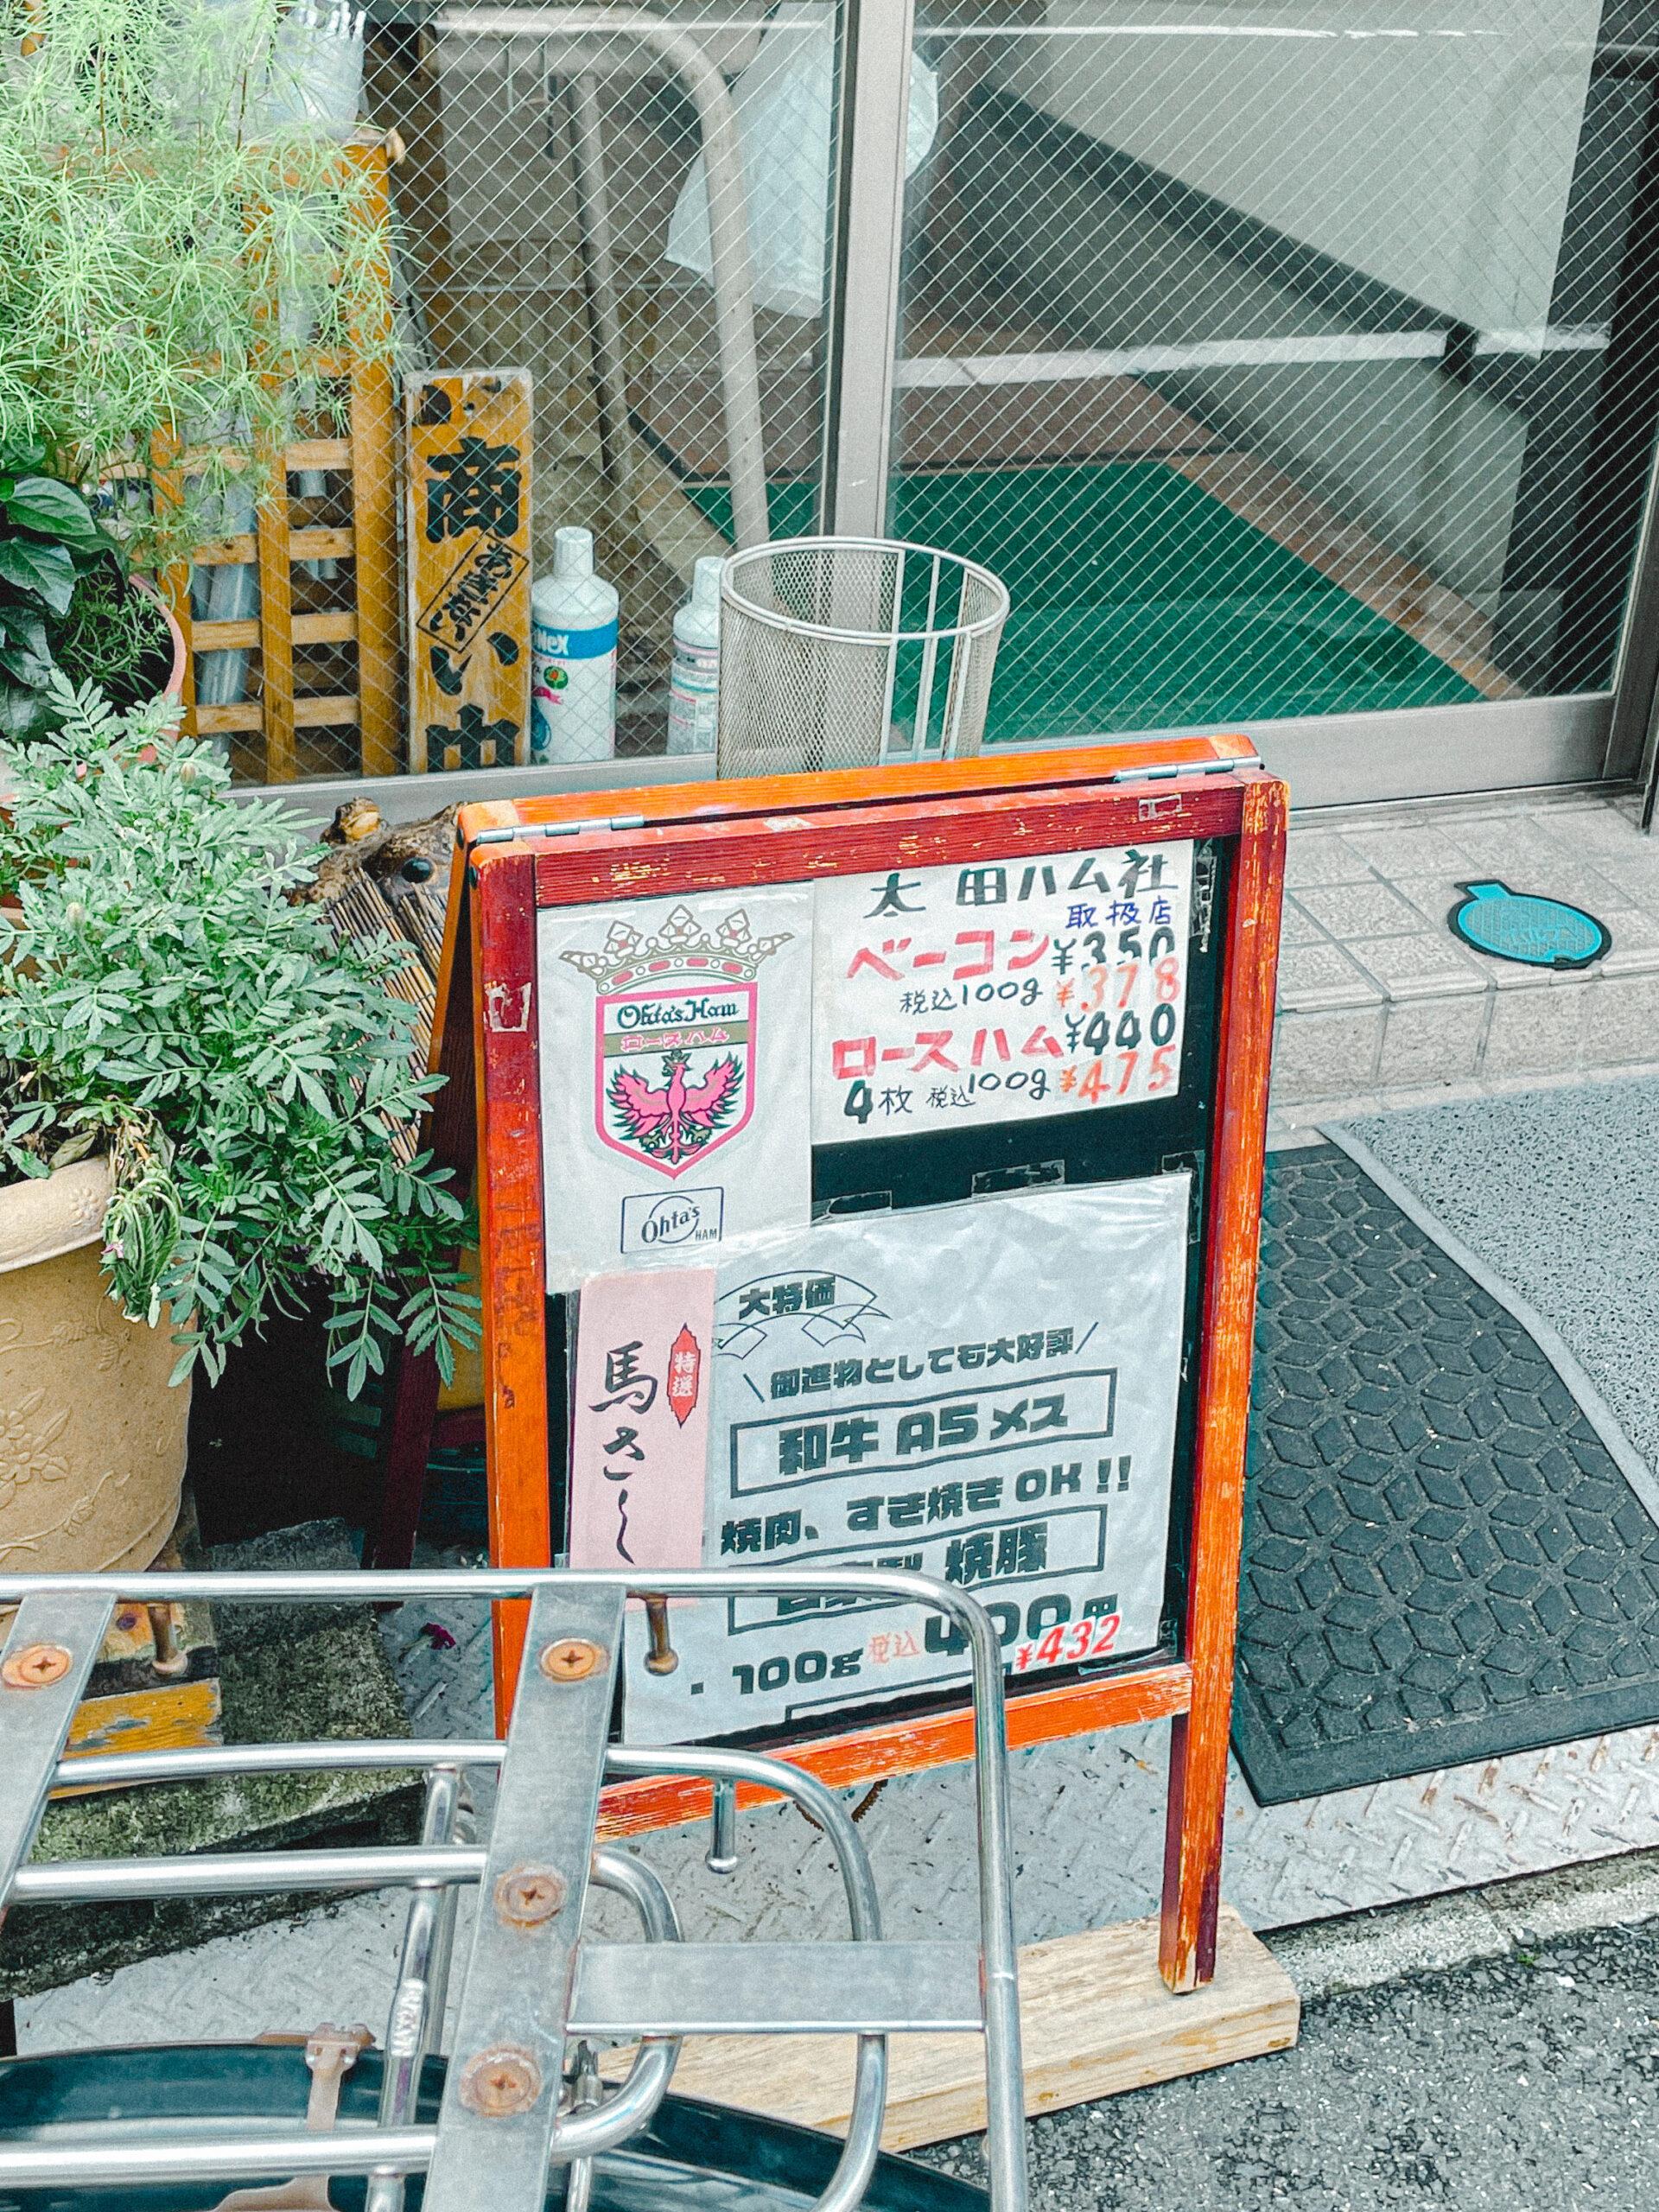 入谷 太田ハム グルメ 台東区 ロースハム ベーコン ソーセージ ロブション 通販 下町グルメ